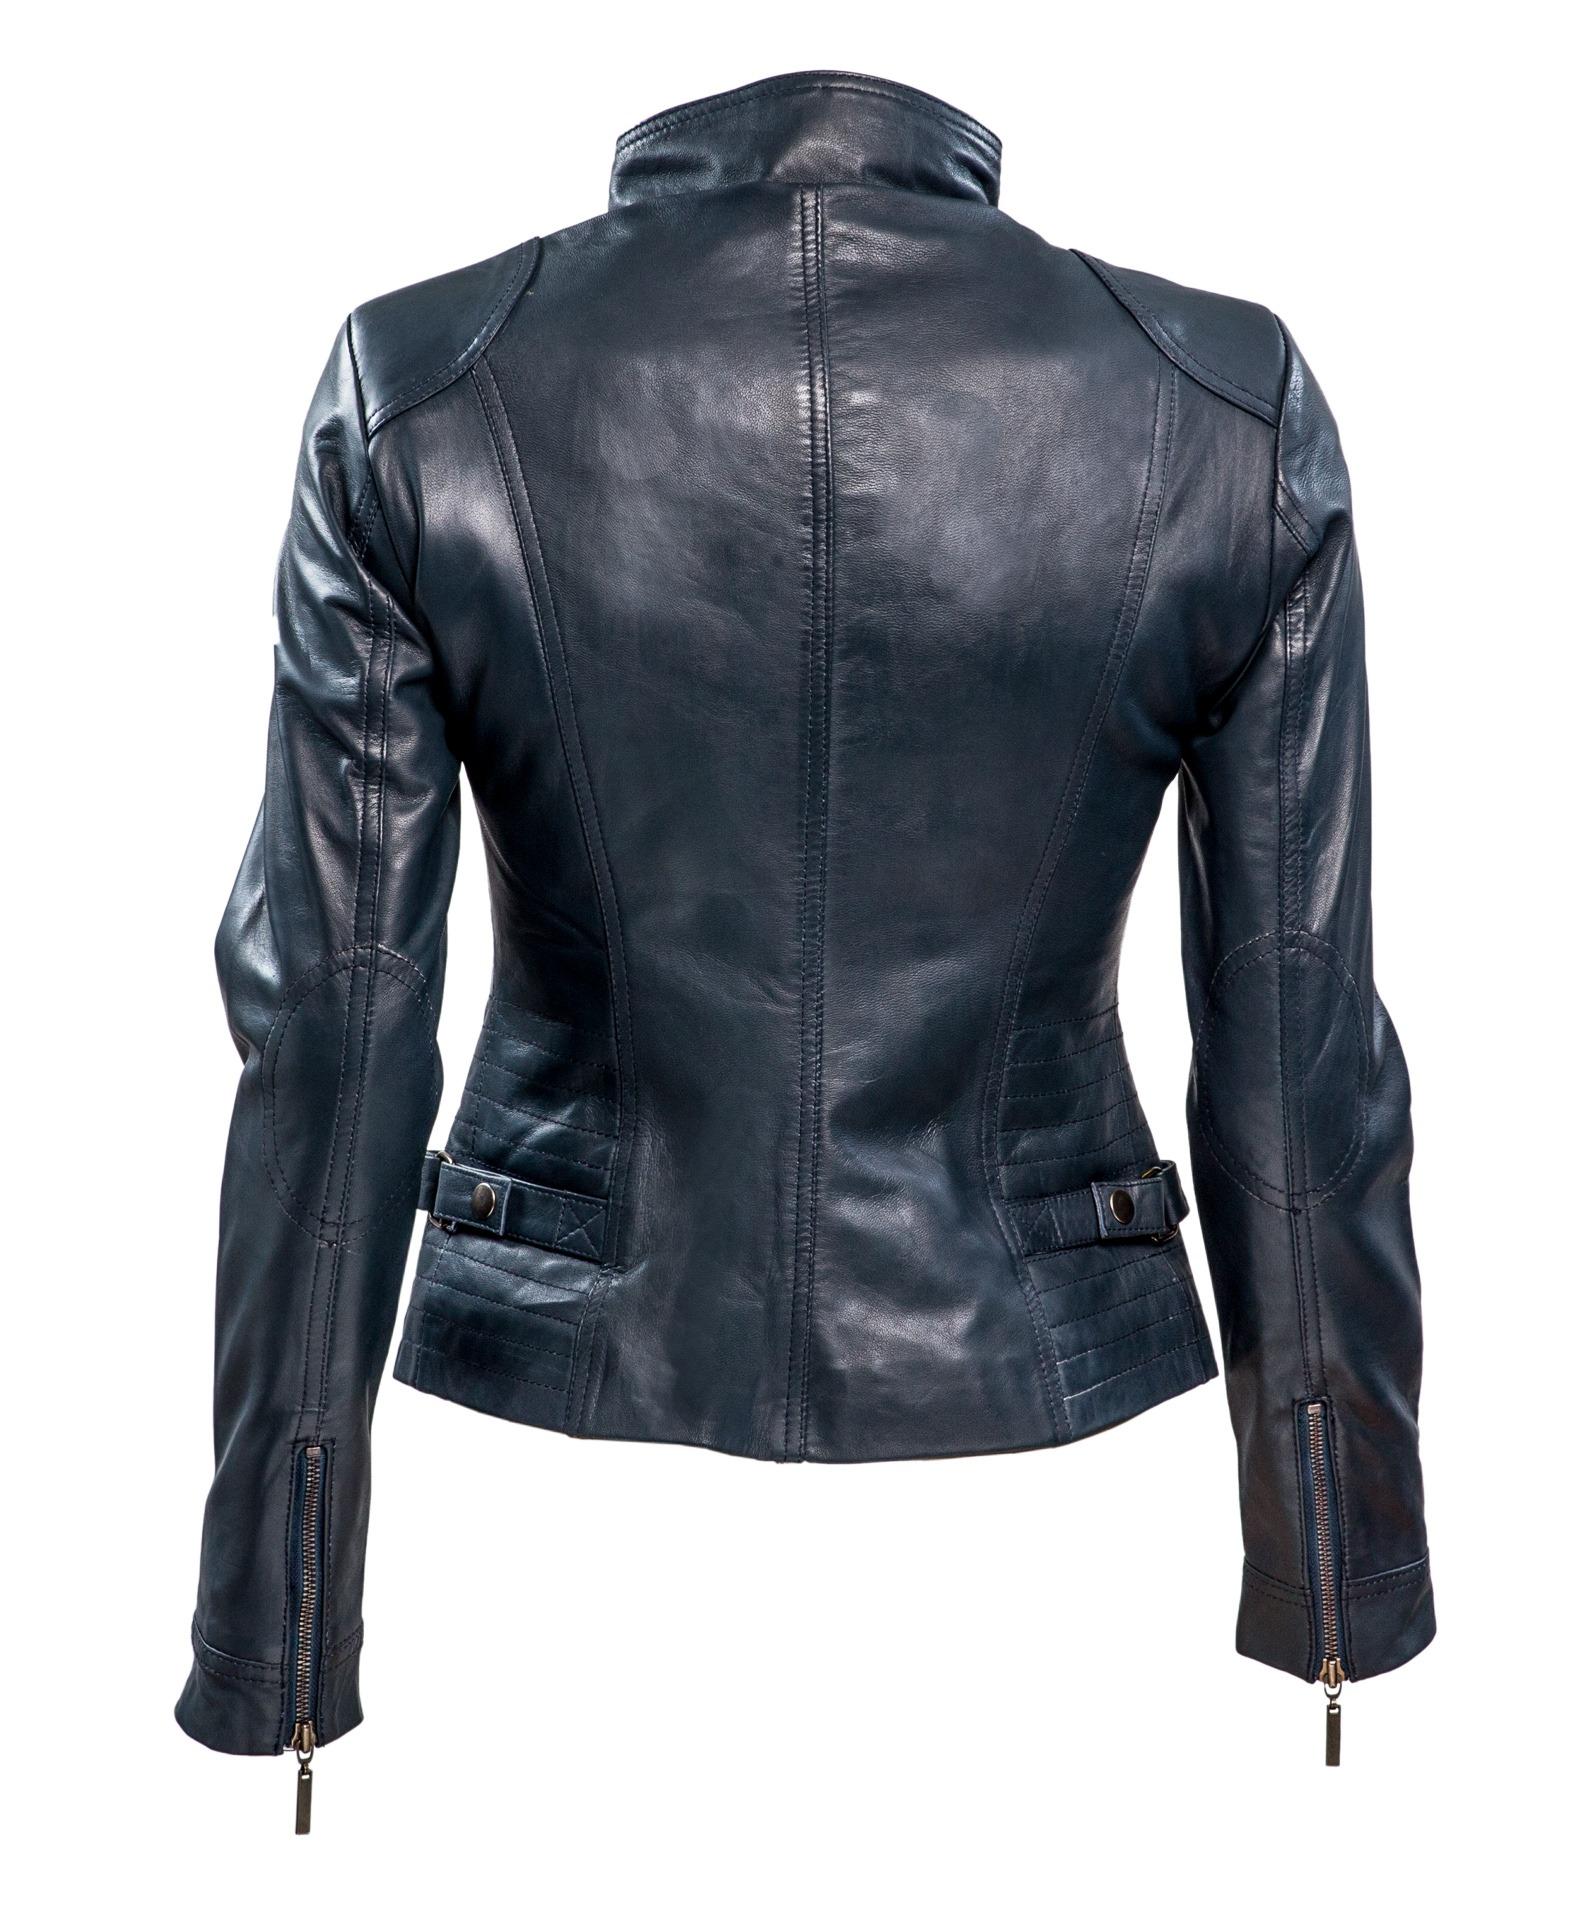 RBM-dames biker jasje blauw 446RBM-dames biker jasje blauw 446